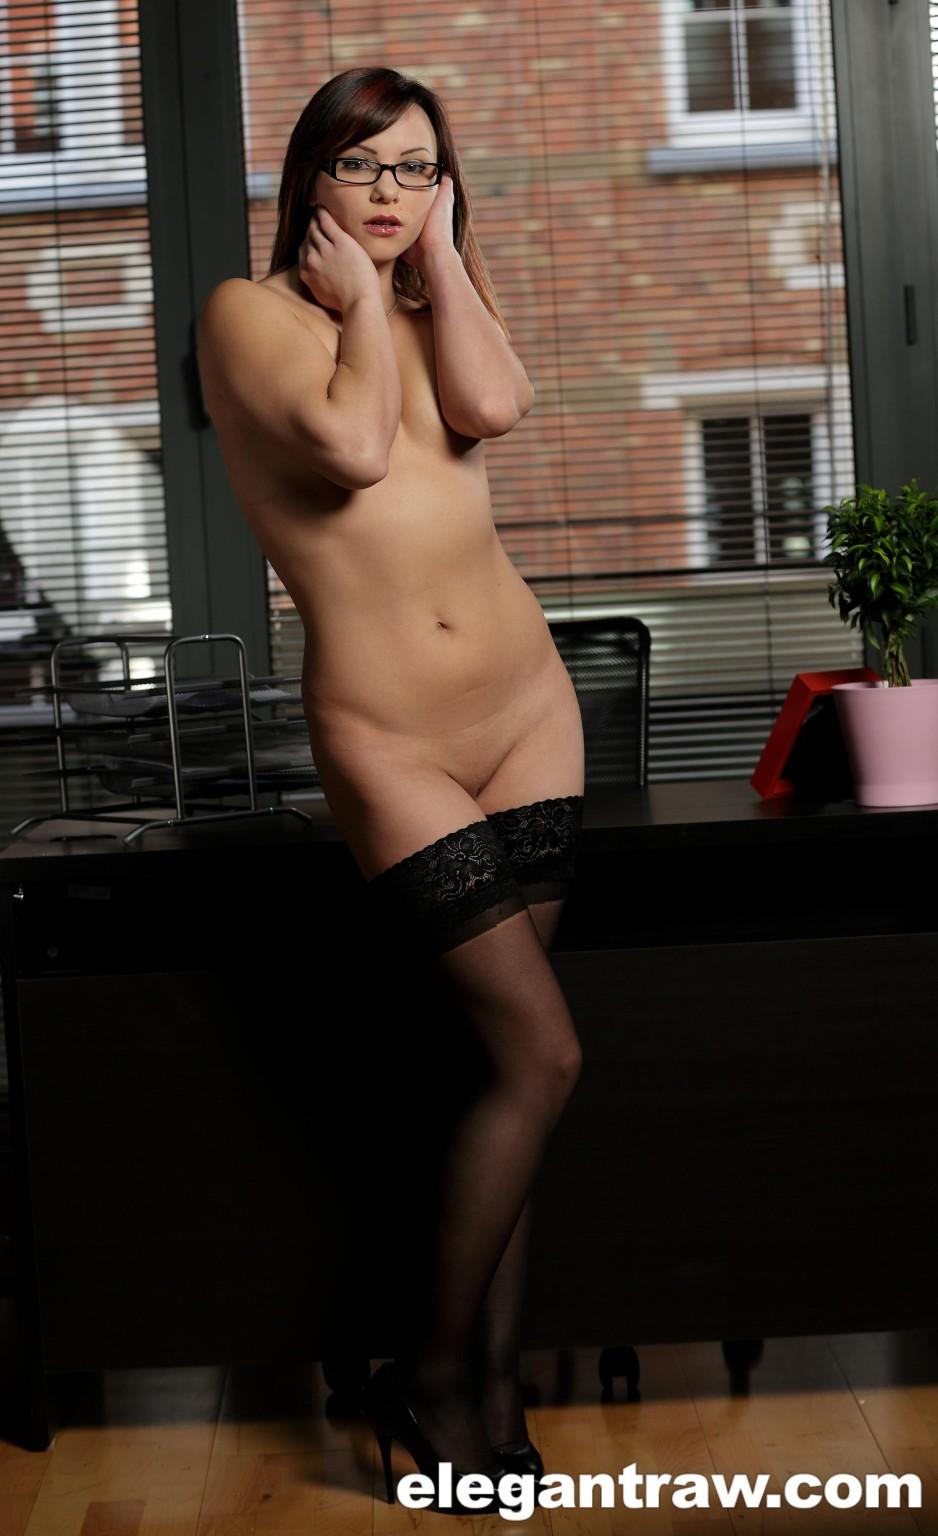 Парни удовлетворяют телку - своего босса, она любит трахаться в два пениса и при этом использовать вибратор